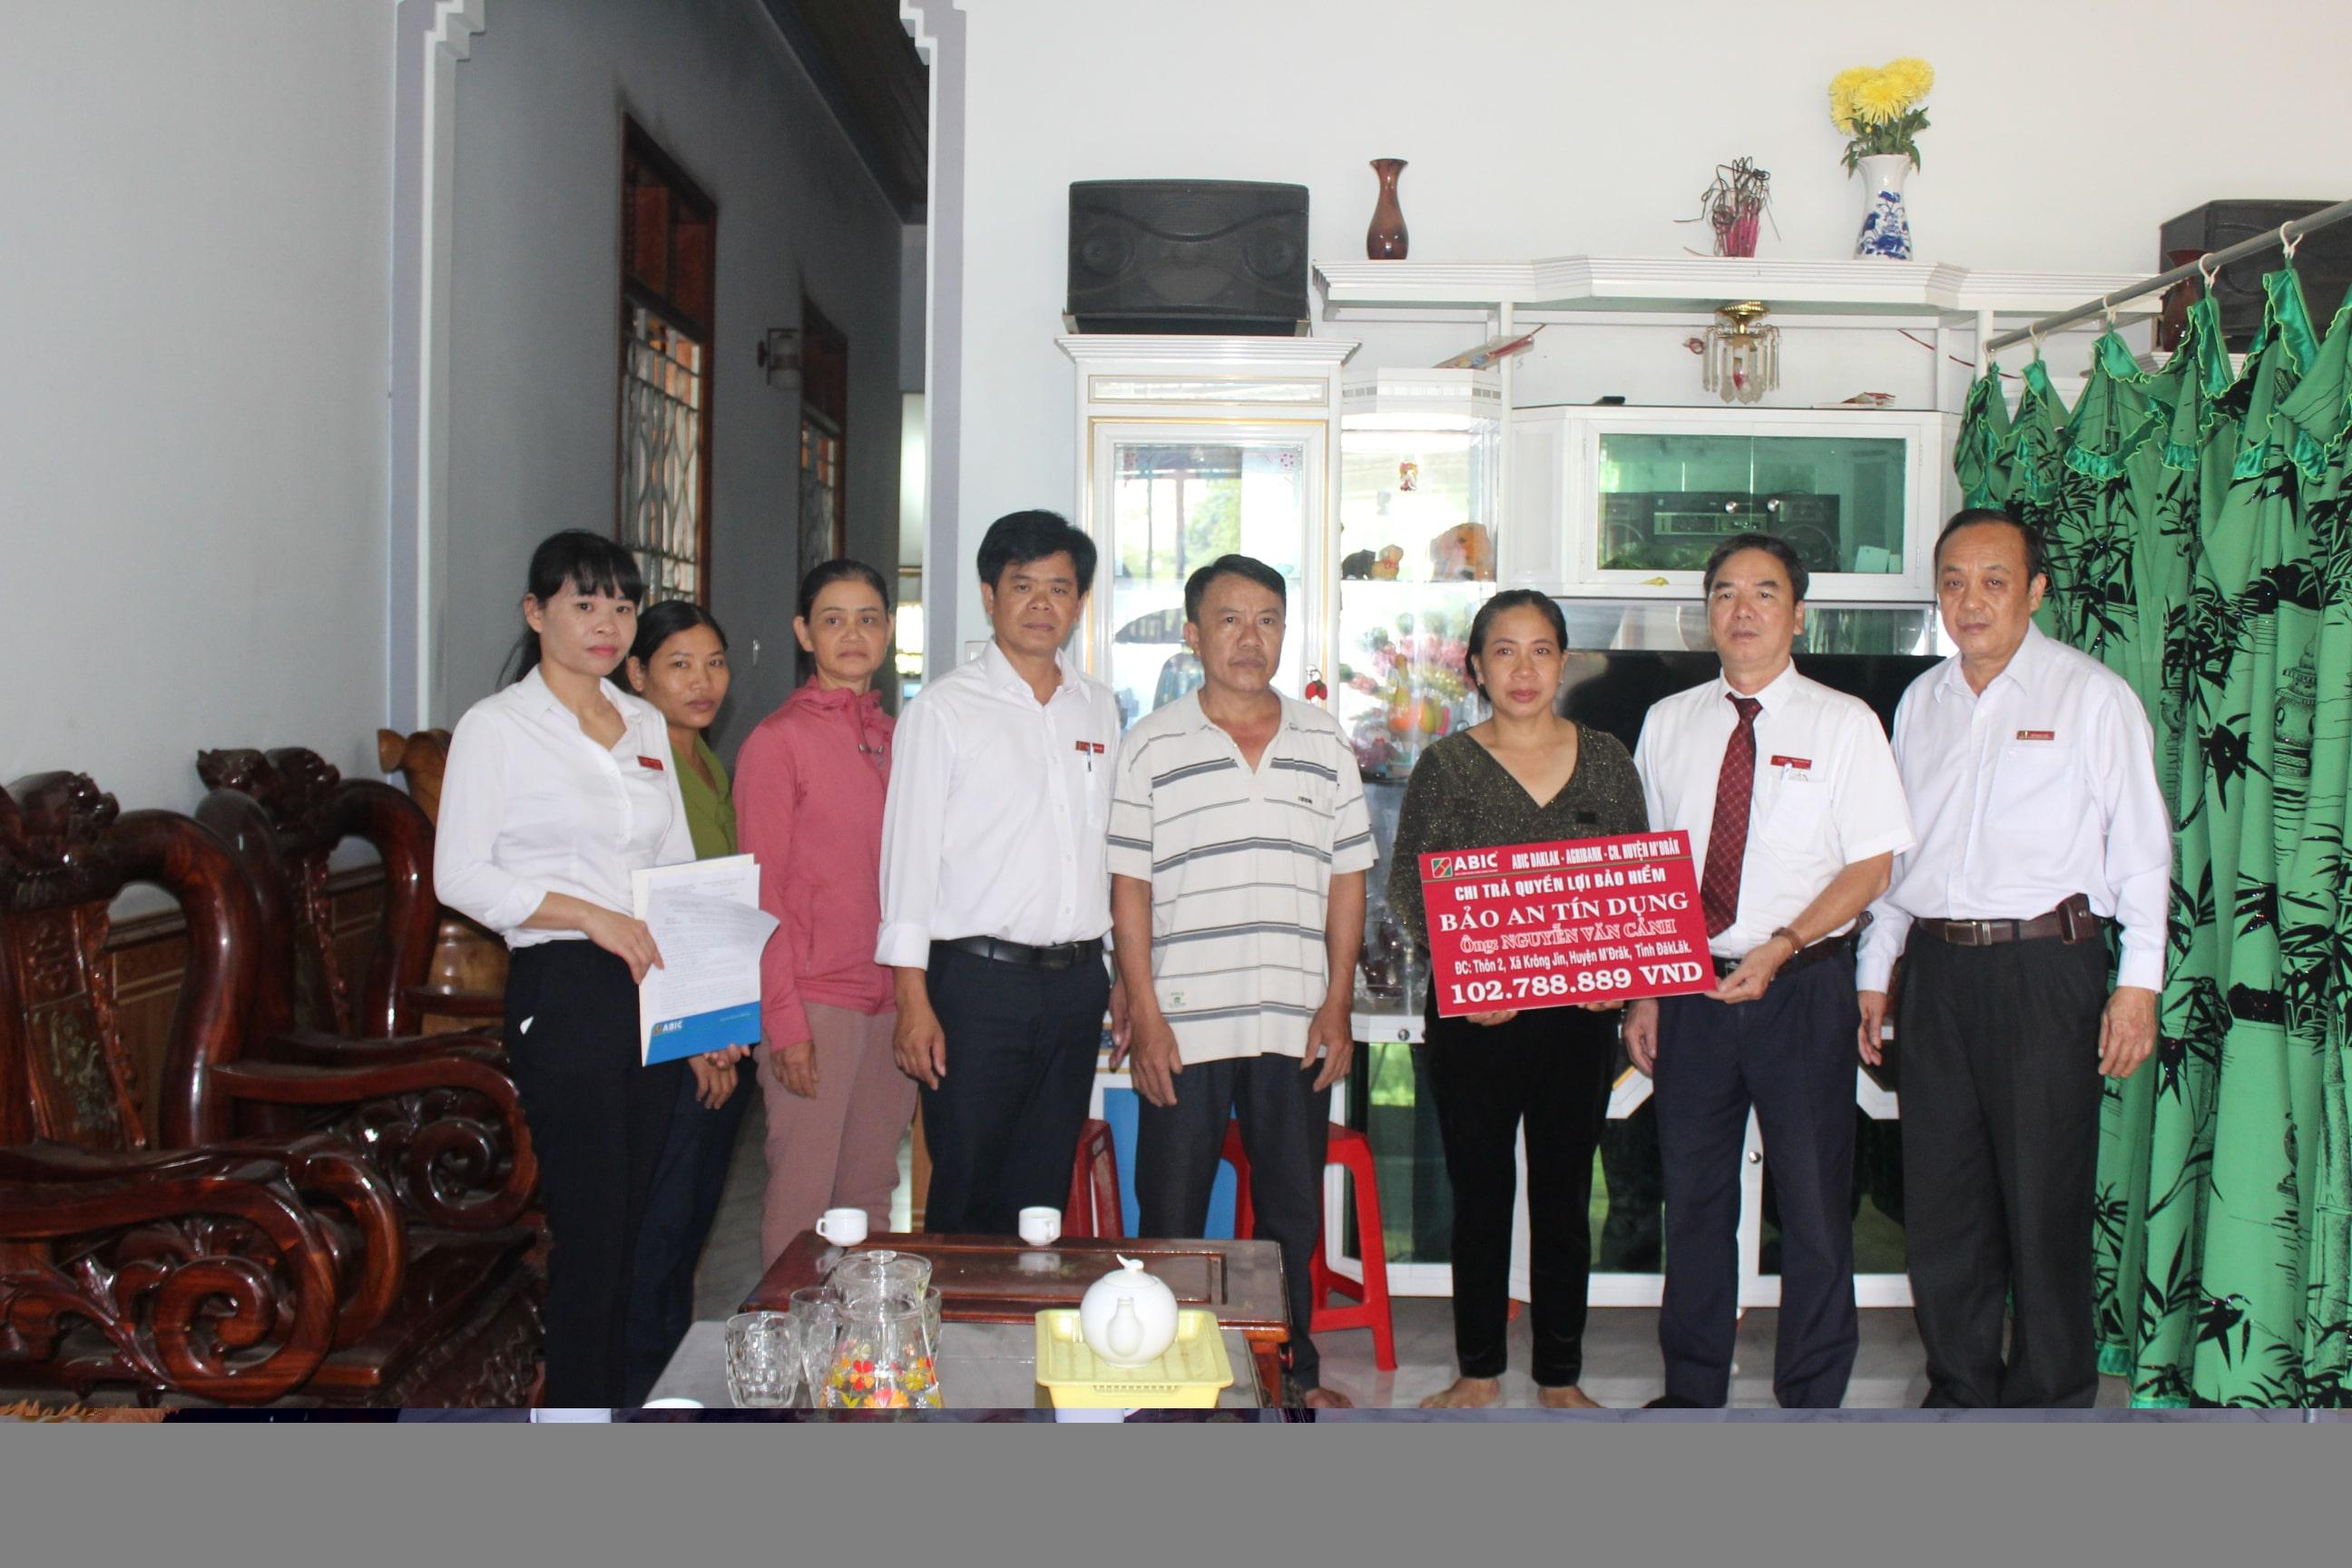 Chi trả bảo hiểm Bảo an tín dụng cho khách hàng tại huyện M'Đrắk